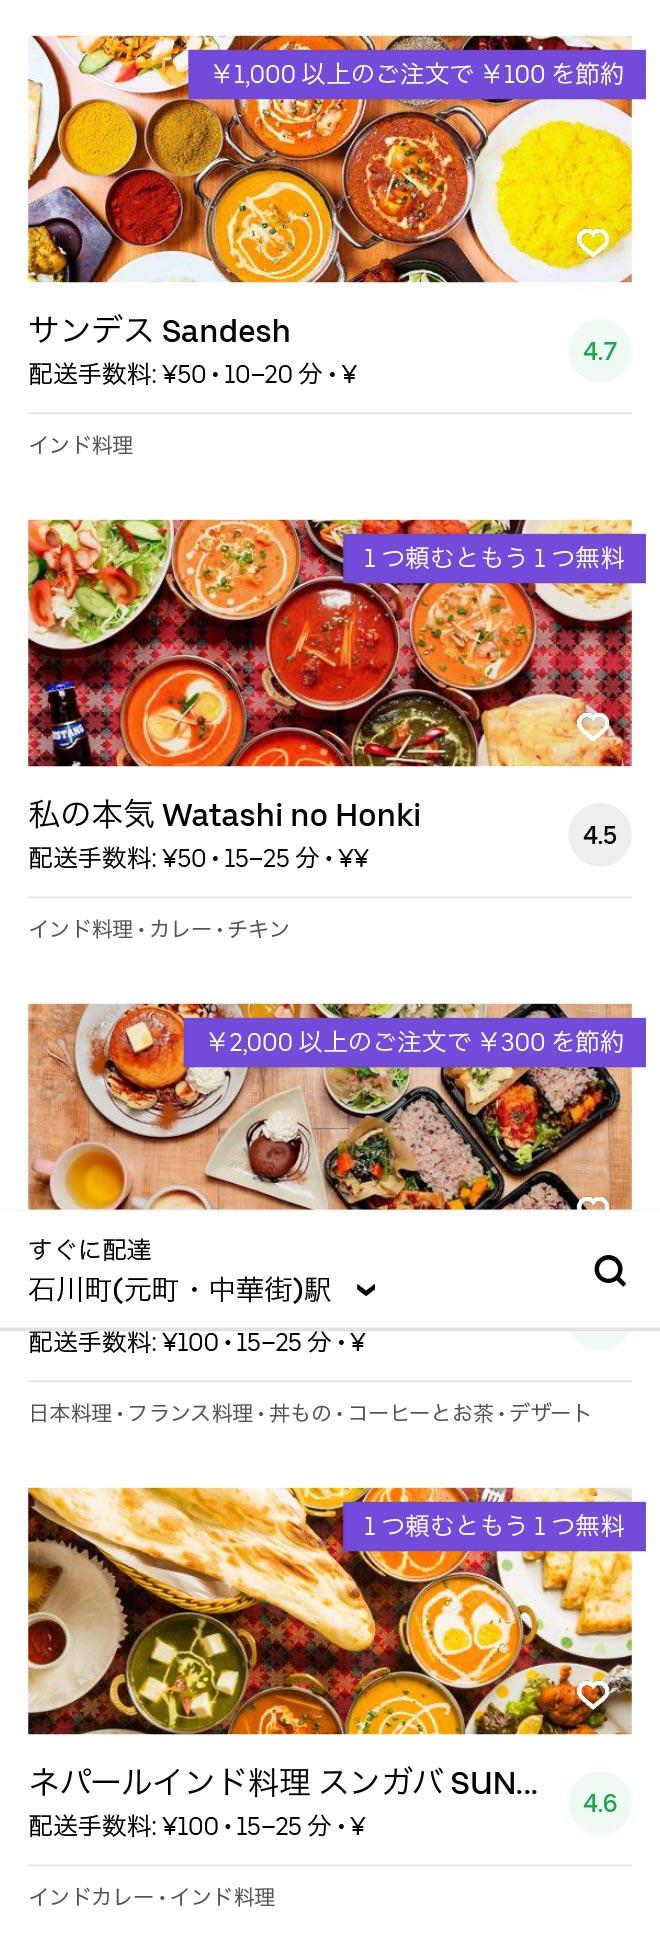 Yokohama ishikawacho menu 2004 04